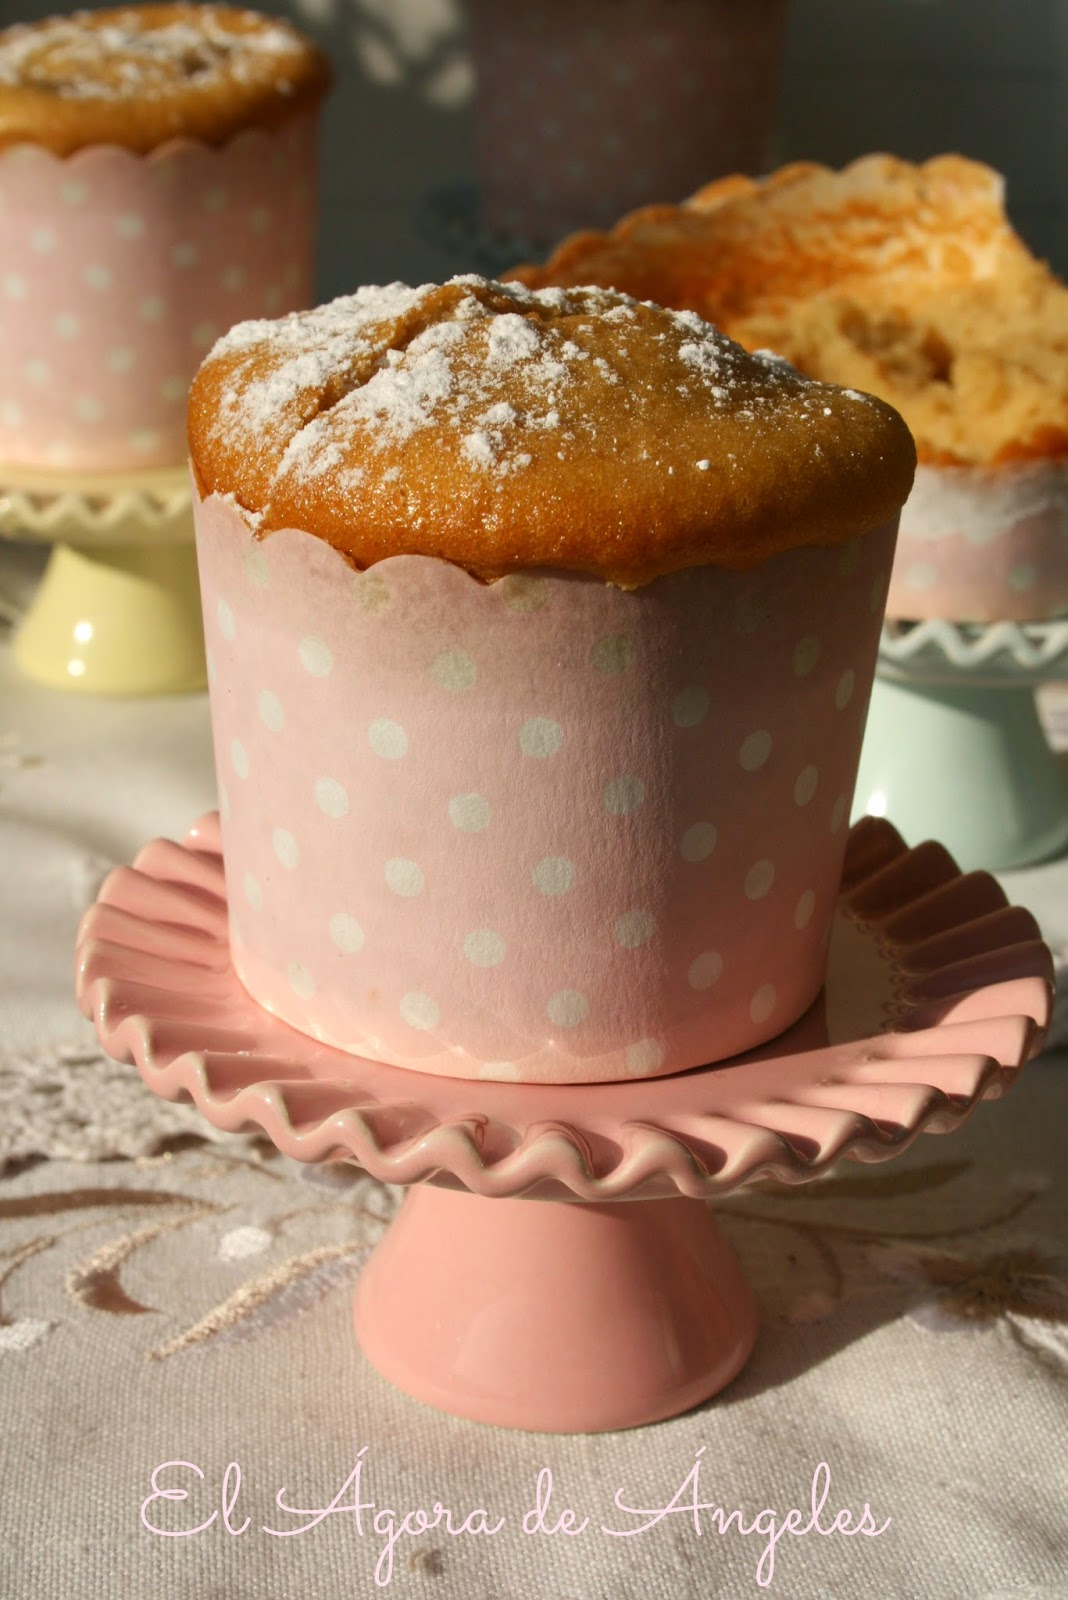 muffins de compota de manzana, magdalenas de compota de manzana,compota de manzana